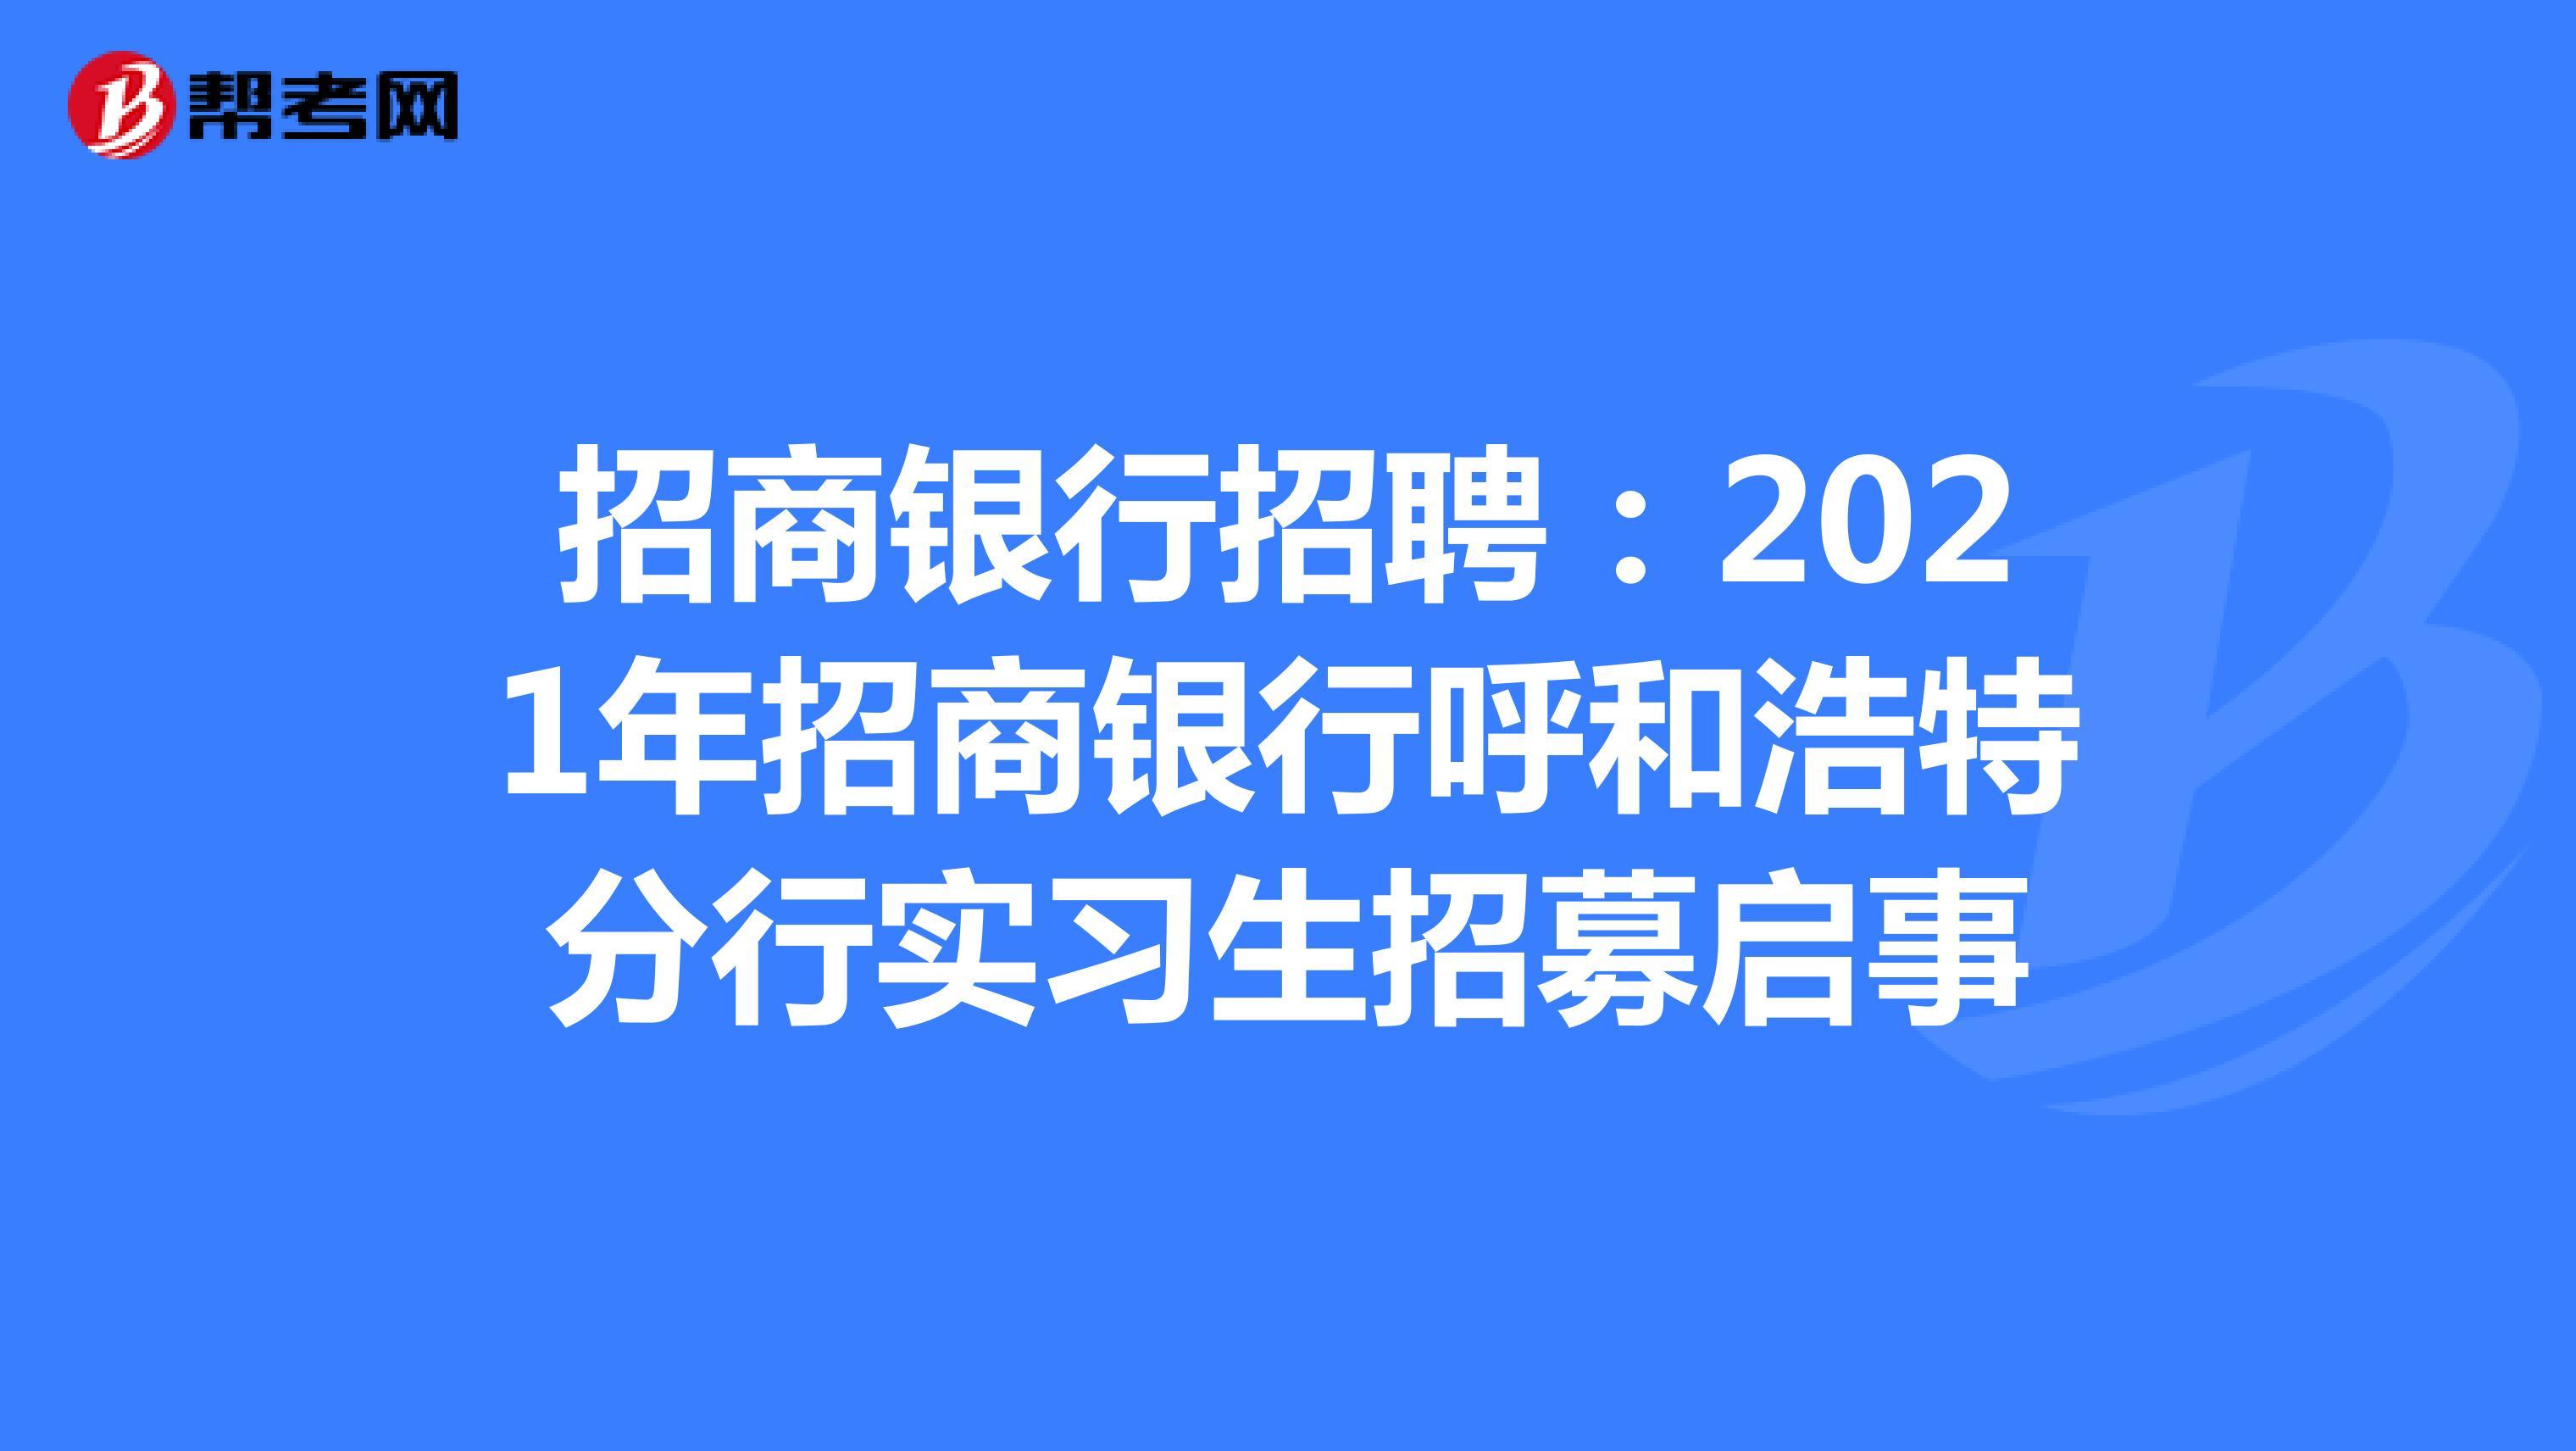 招商银行招聘:2021年招商银行呼和浩特分行实习生招募启事